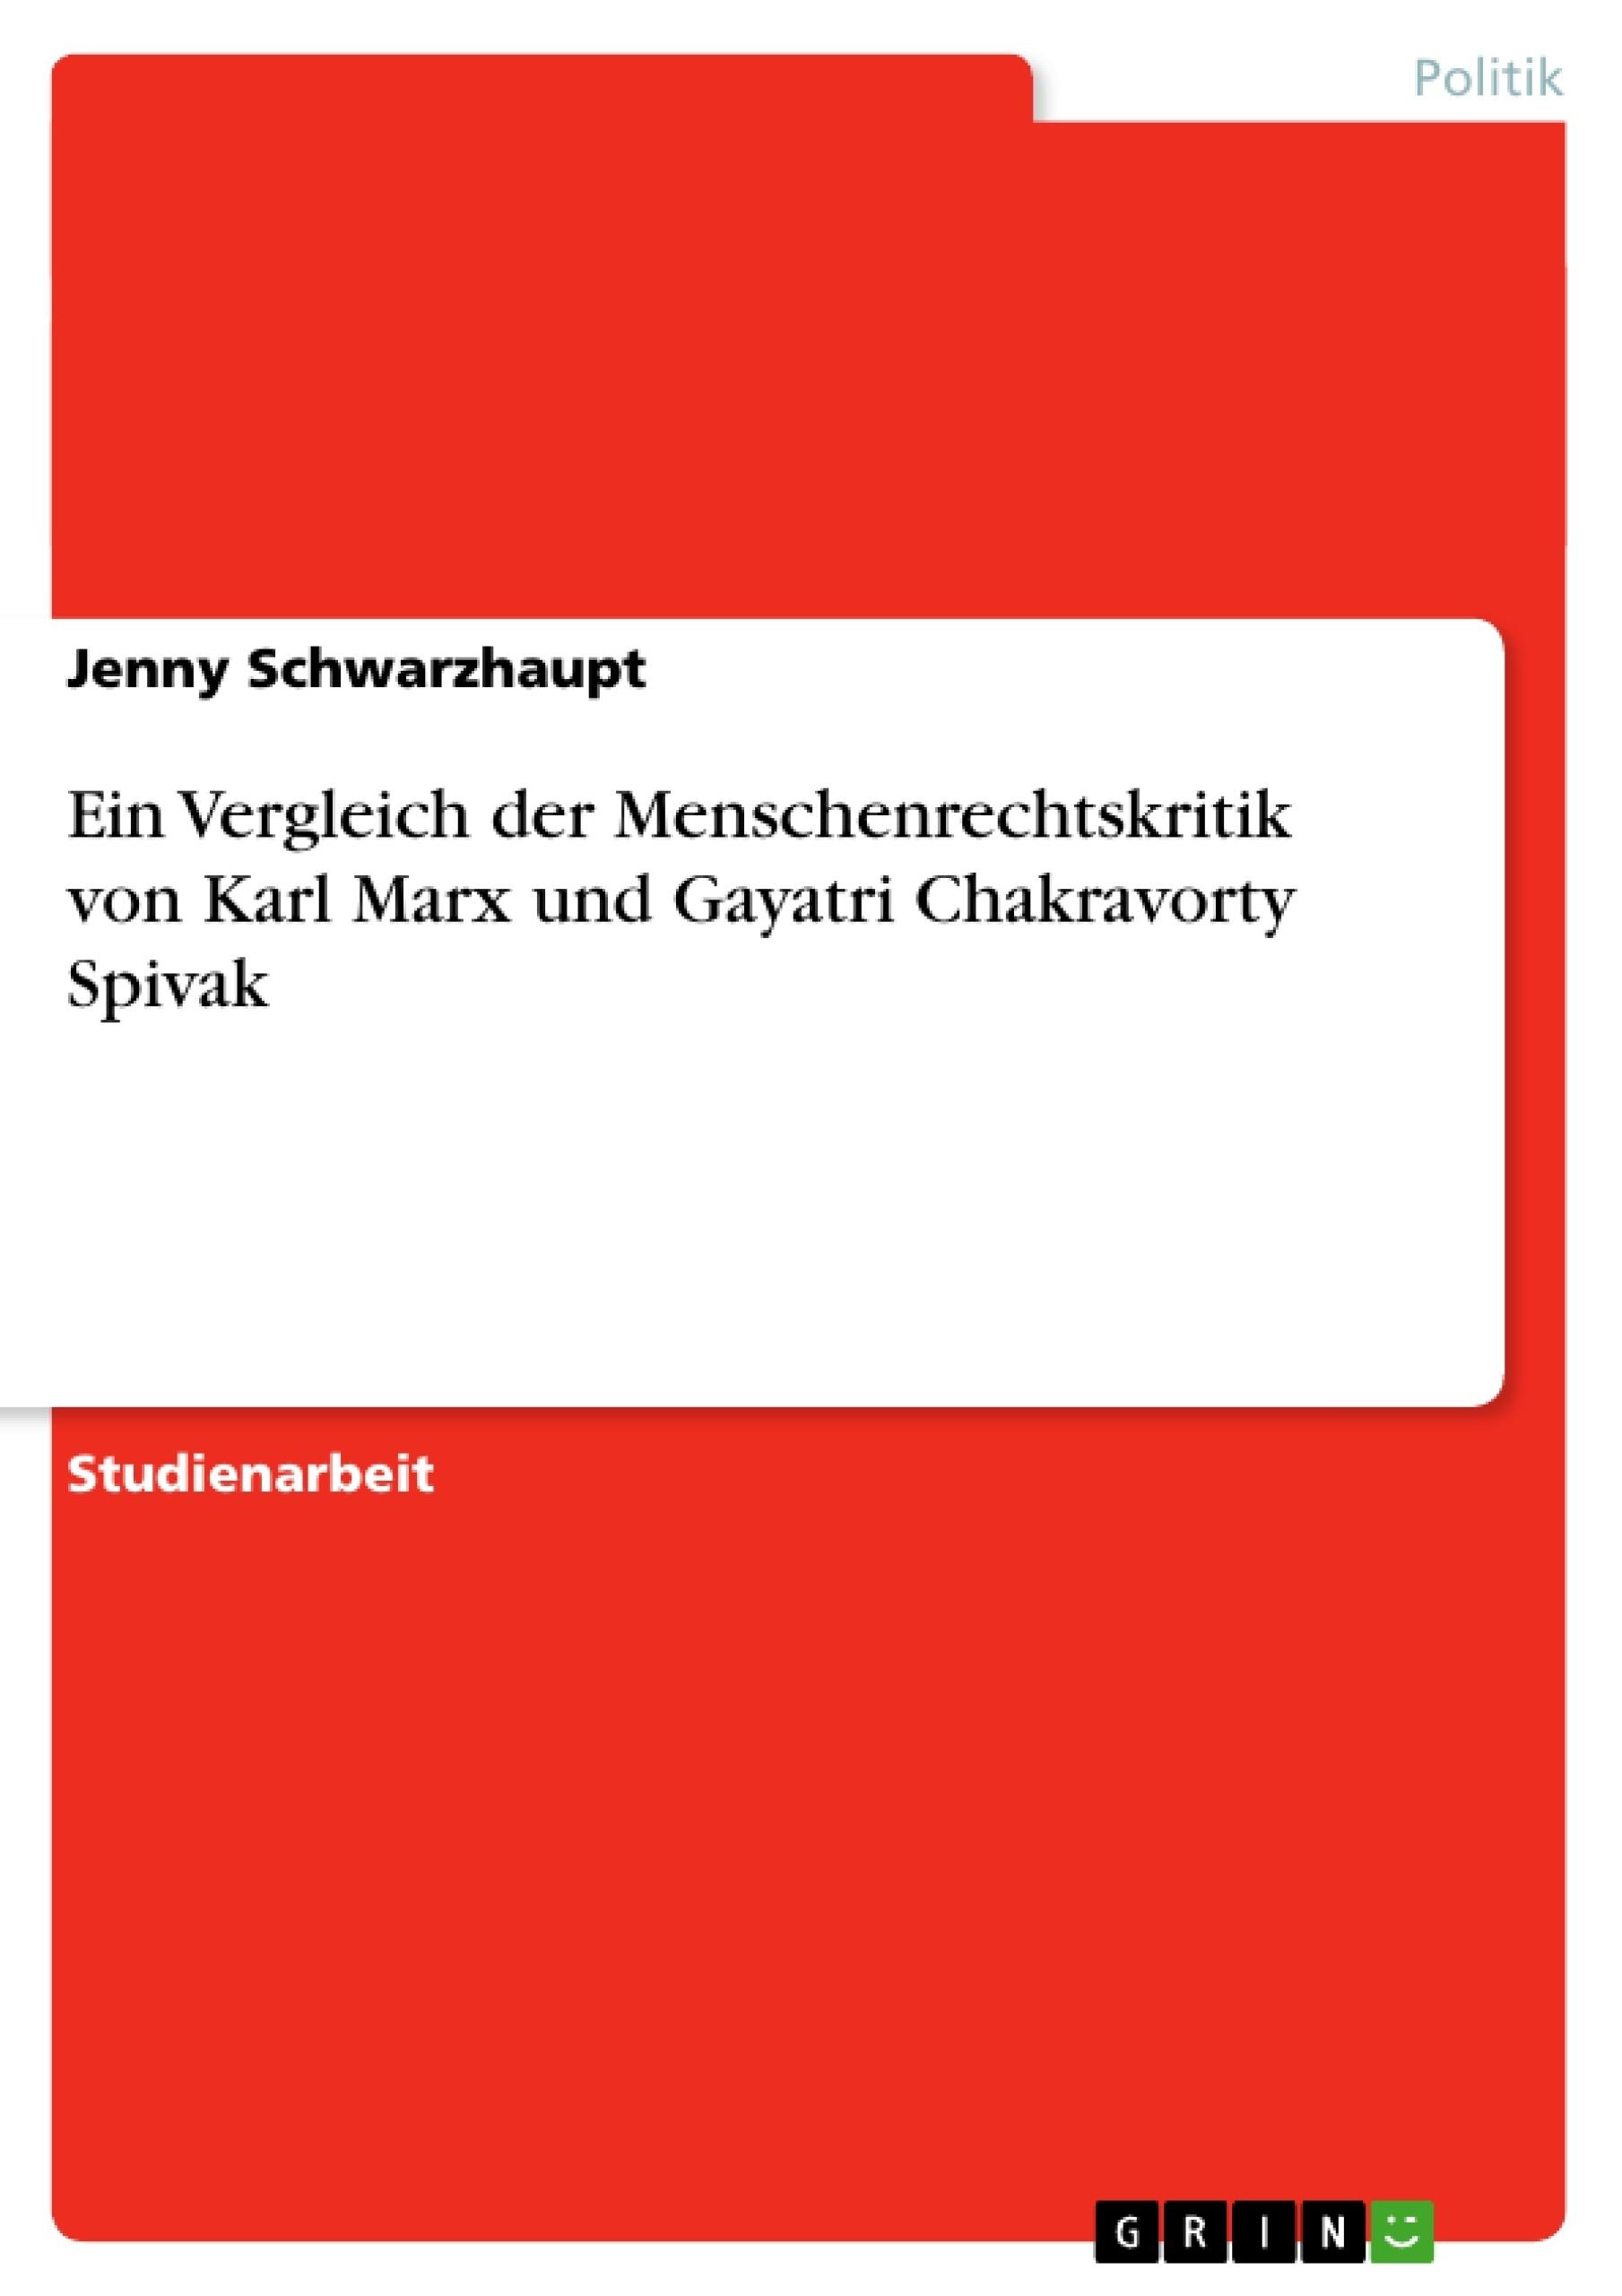 Titel: Ein Vergleich der Menschenrechtskritik von Karl Marx und Gayatri Chakravorty Spivak